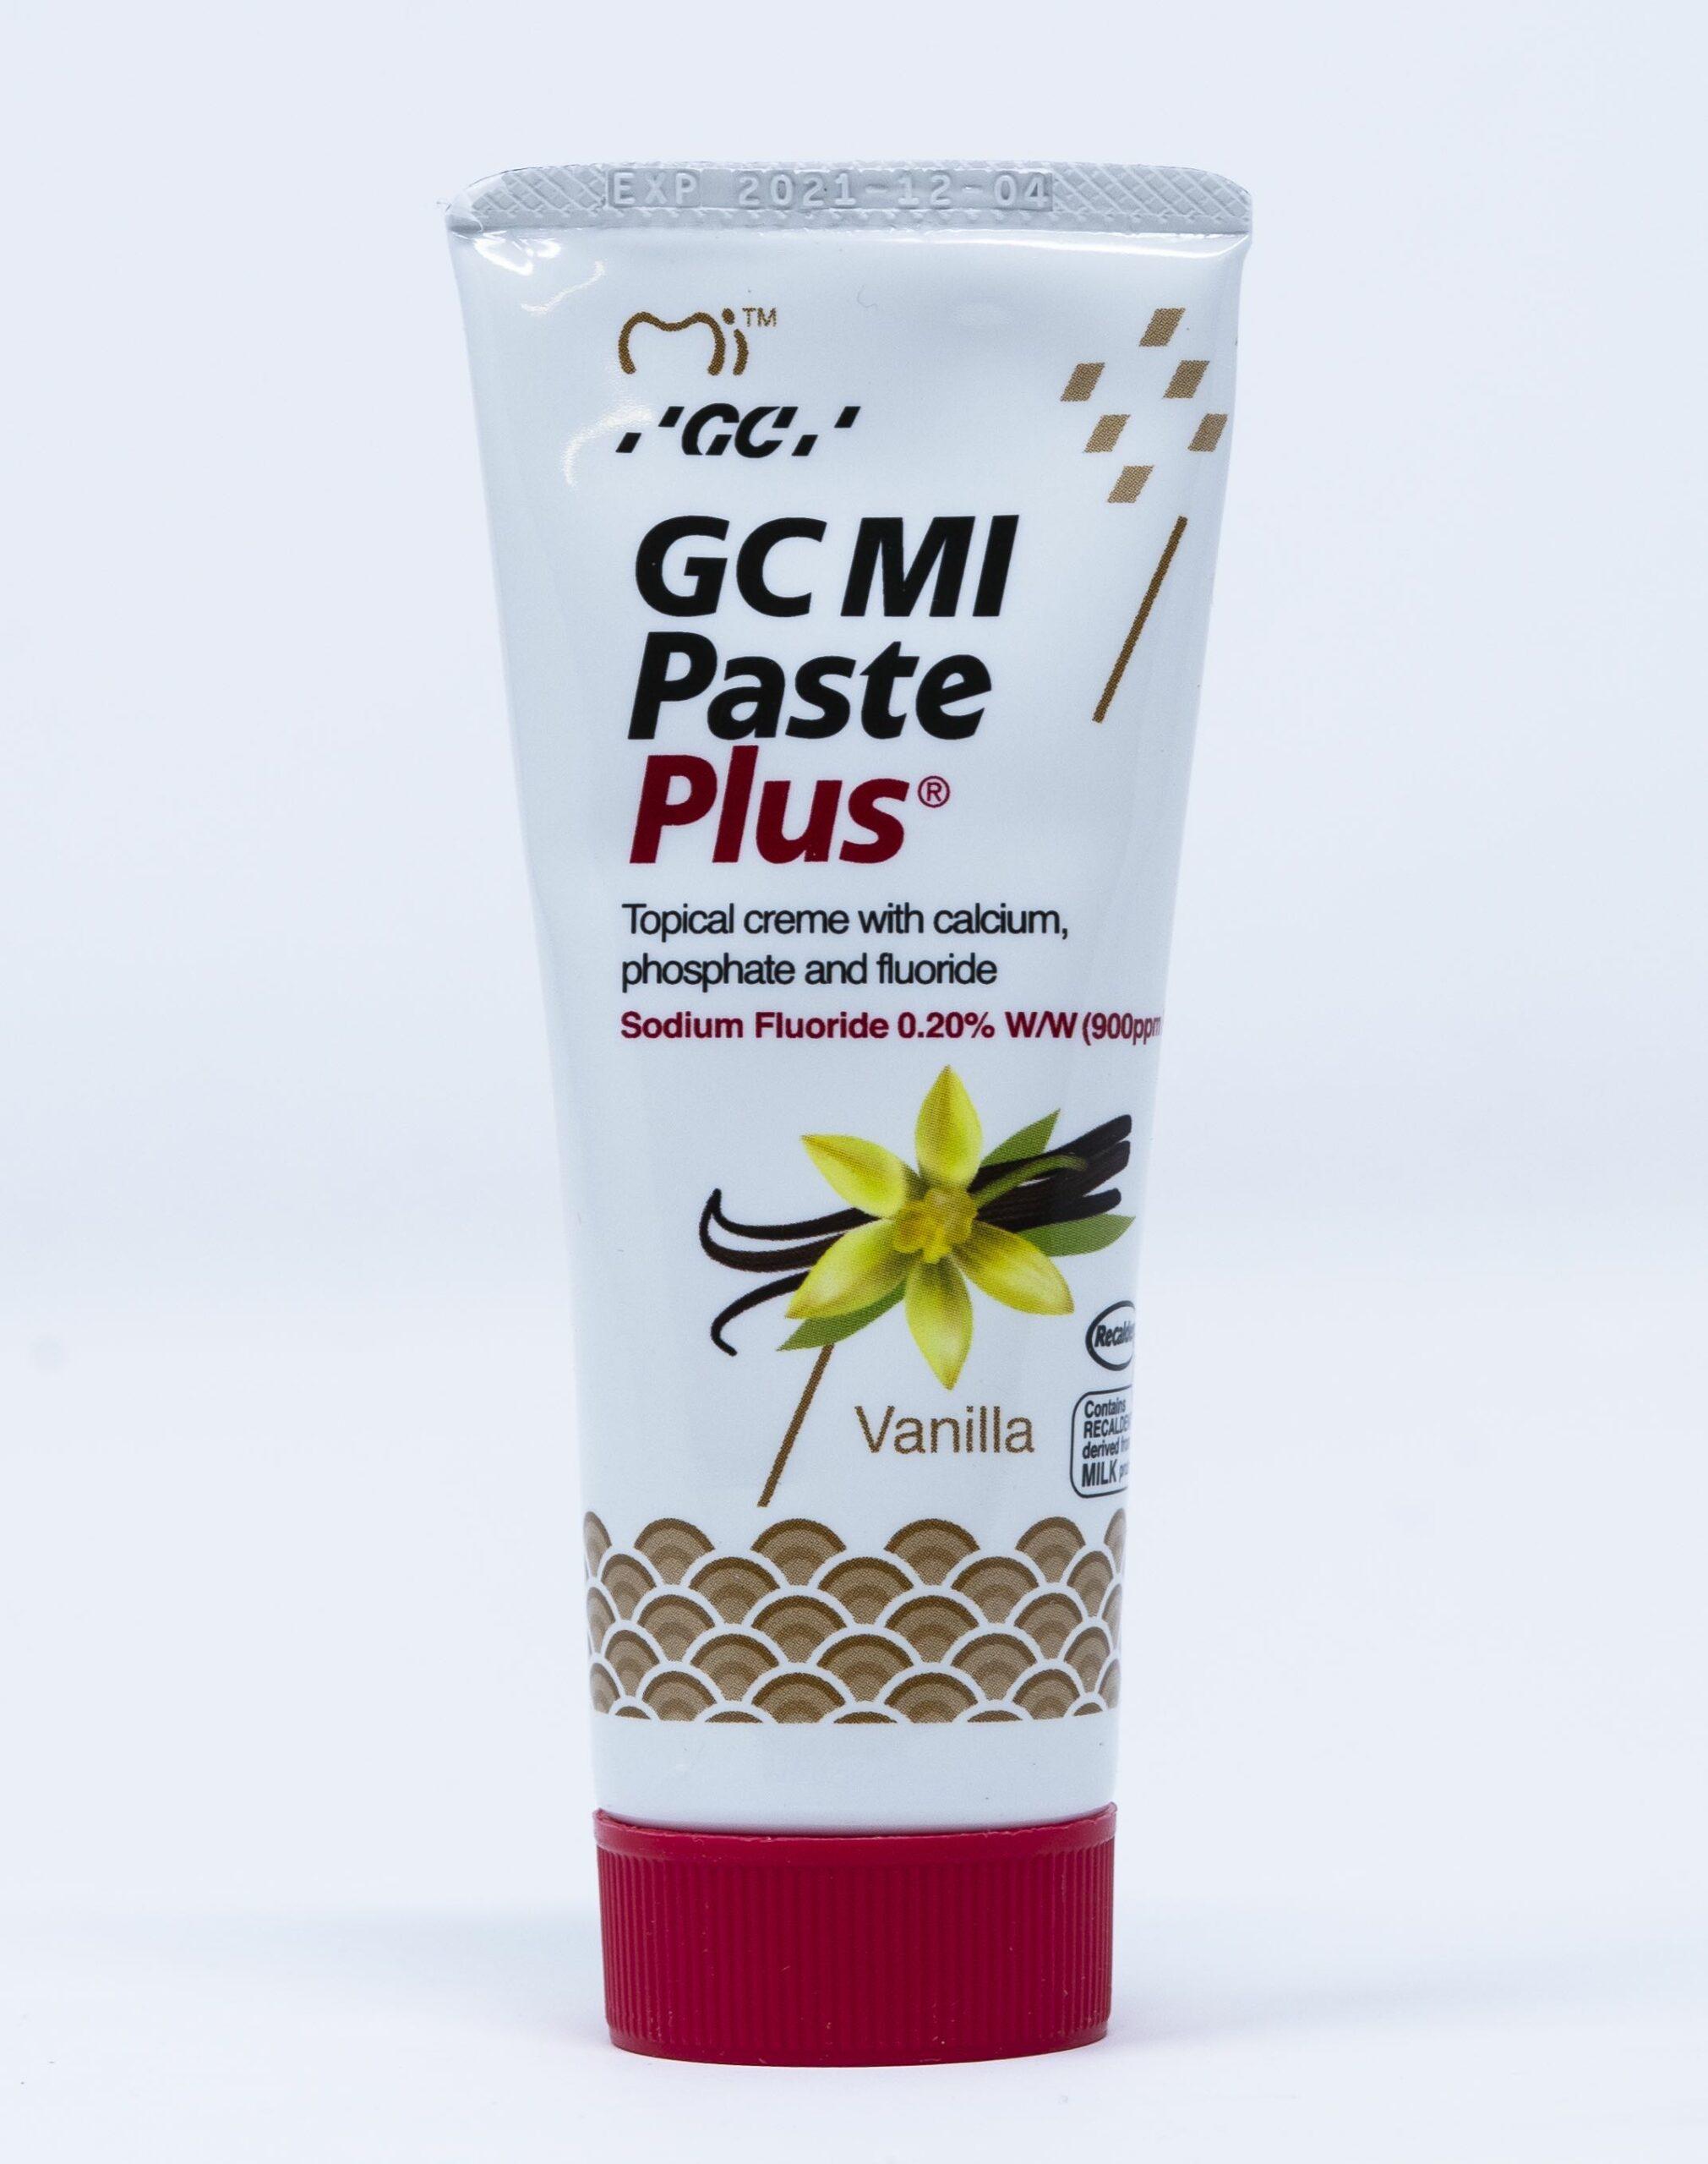 GC MI Paste Plus Vaniglia - 40 g